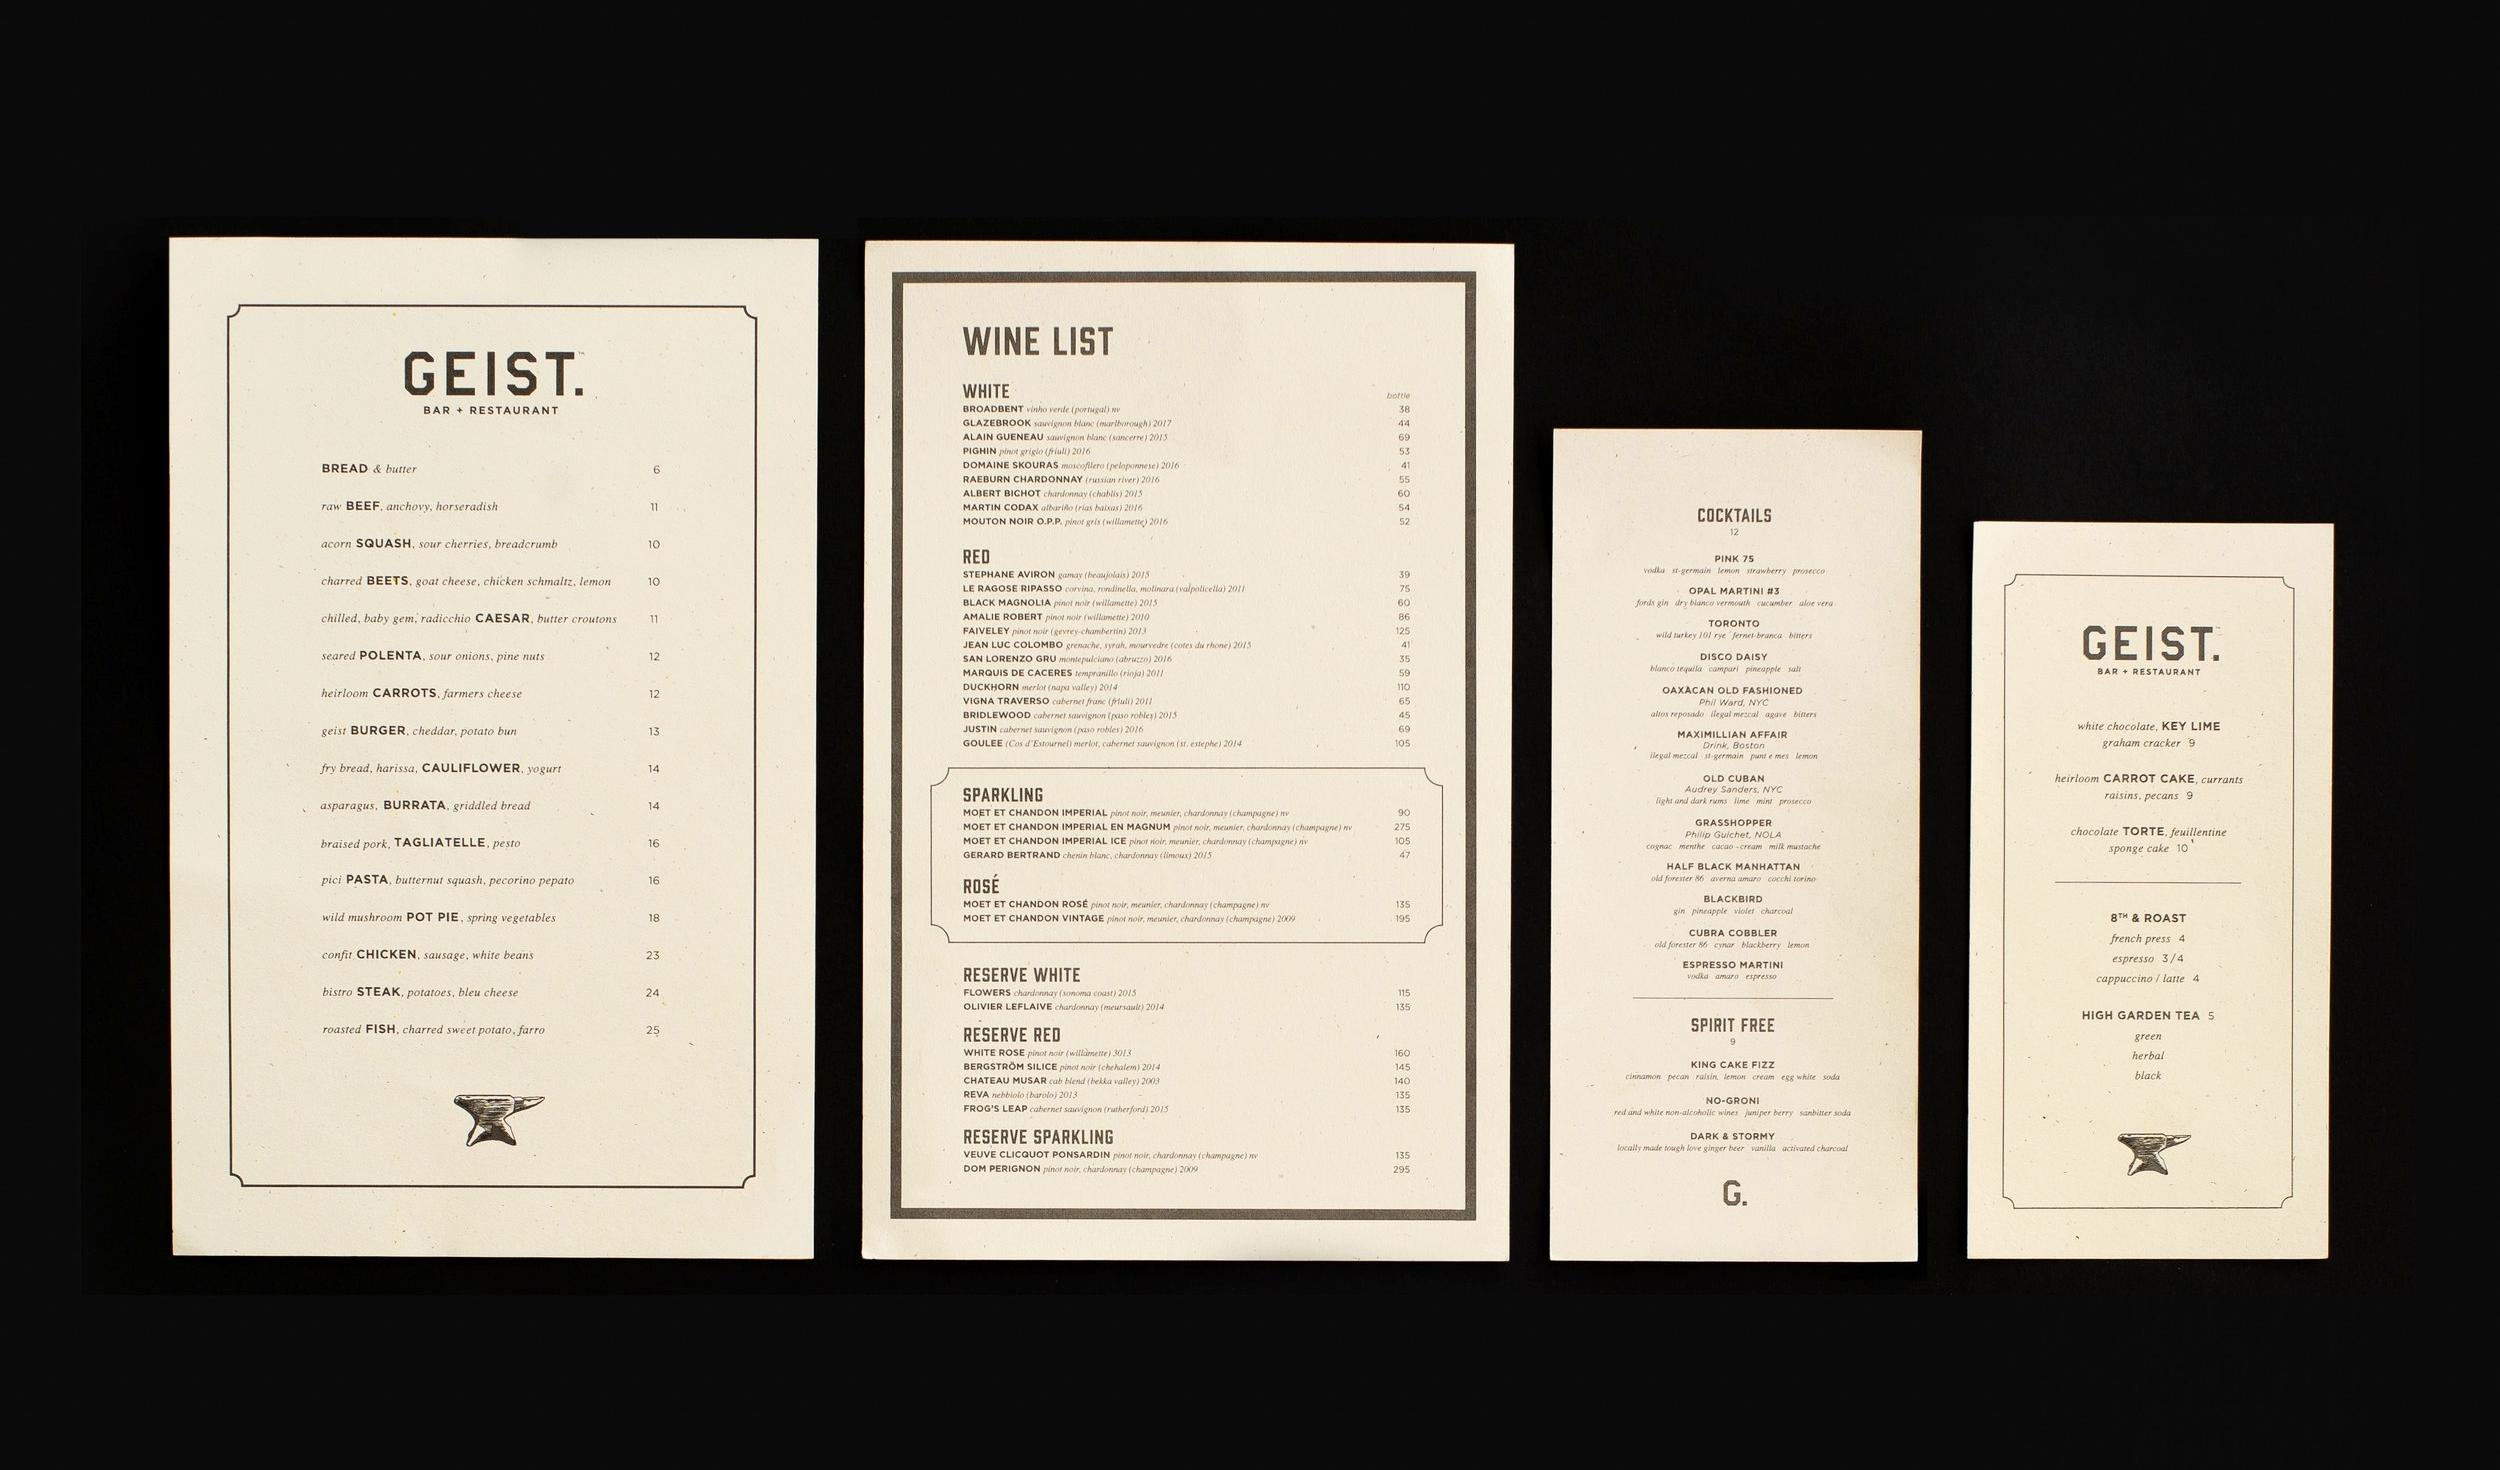 2018-05-09 Geist - menus-9265.jpg